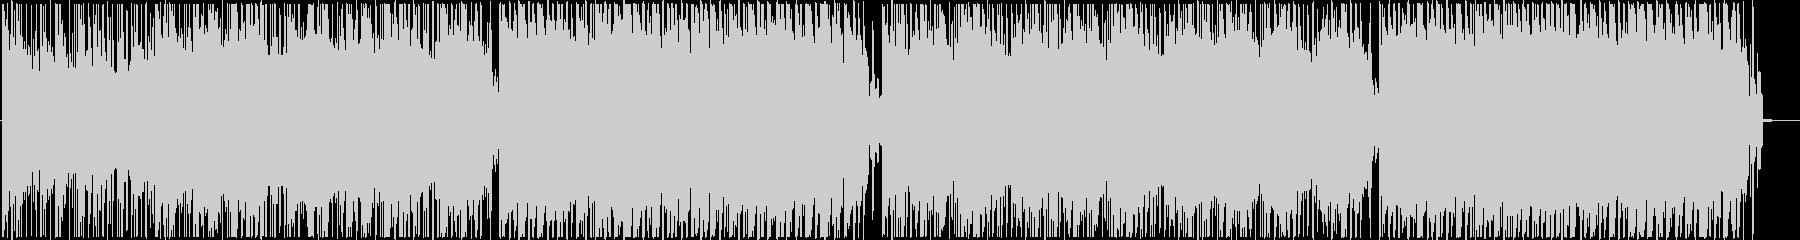 チルアウト 優しいR&Bバラードの未再生の波形